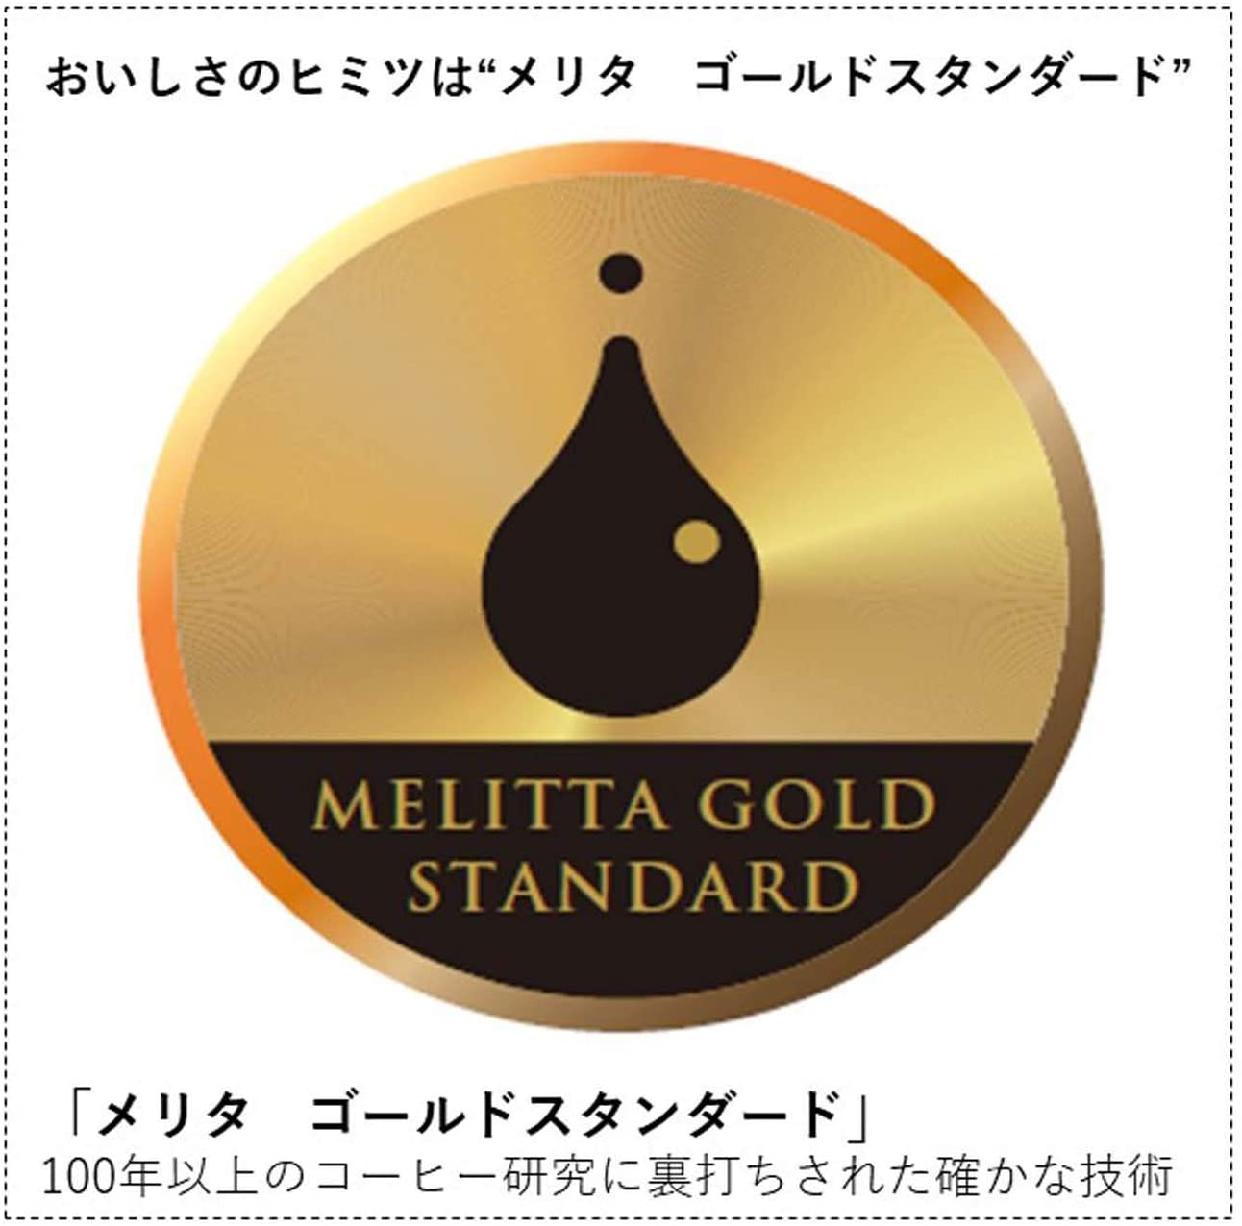 Melitta(メリタ)ノア SKT54の商品画像3